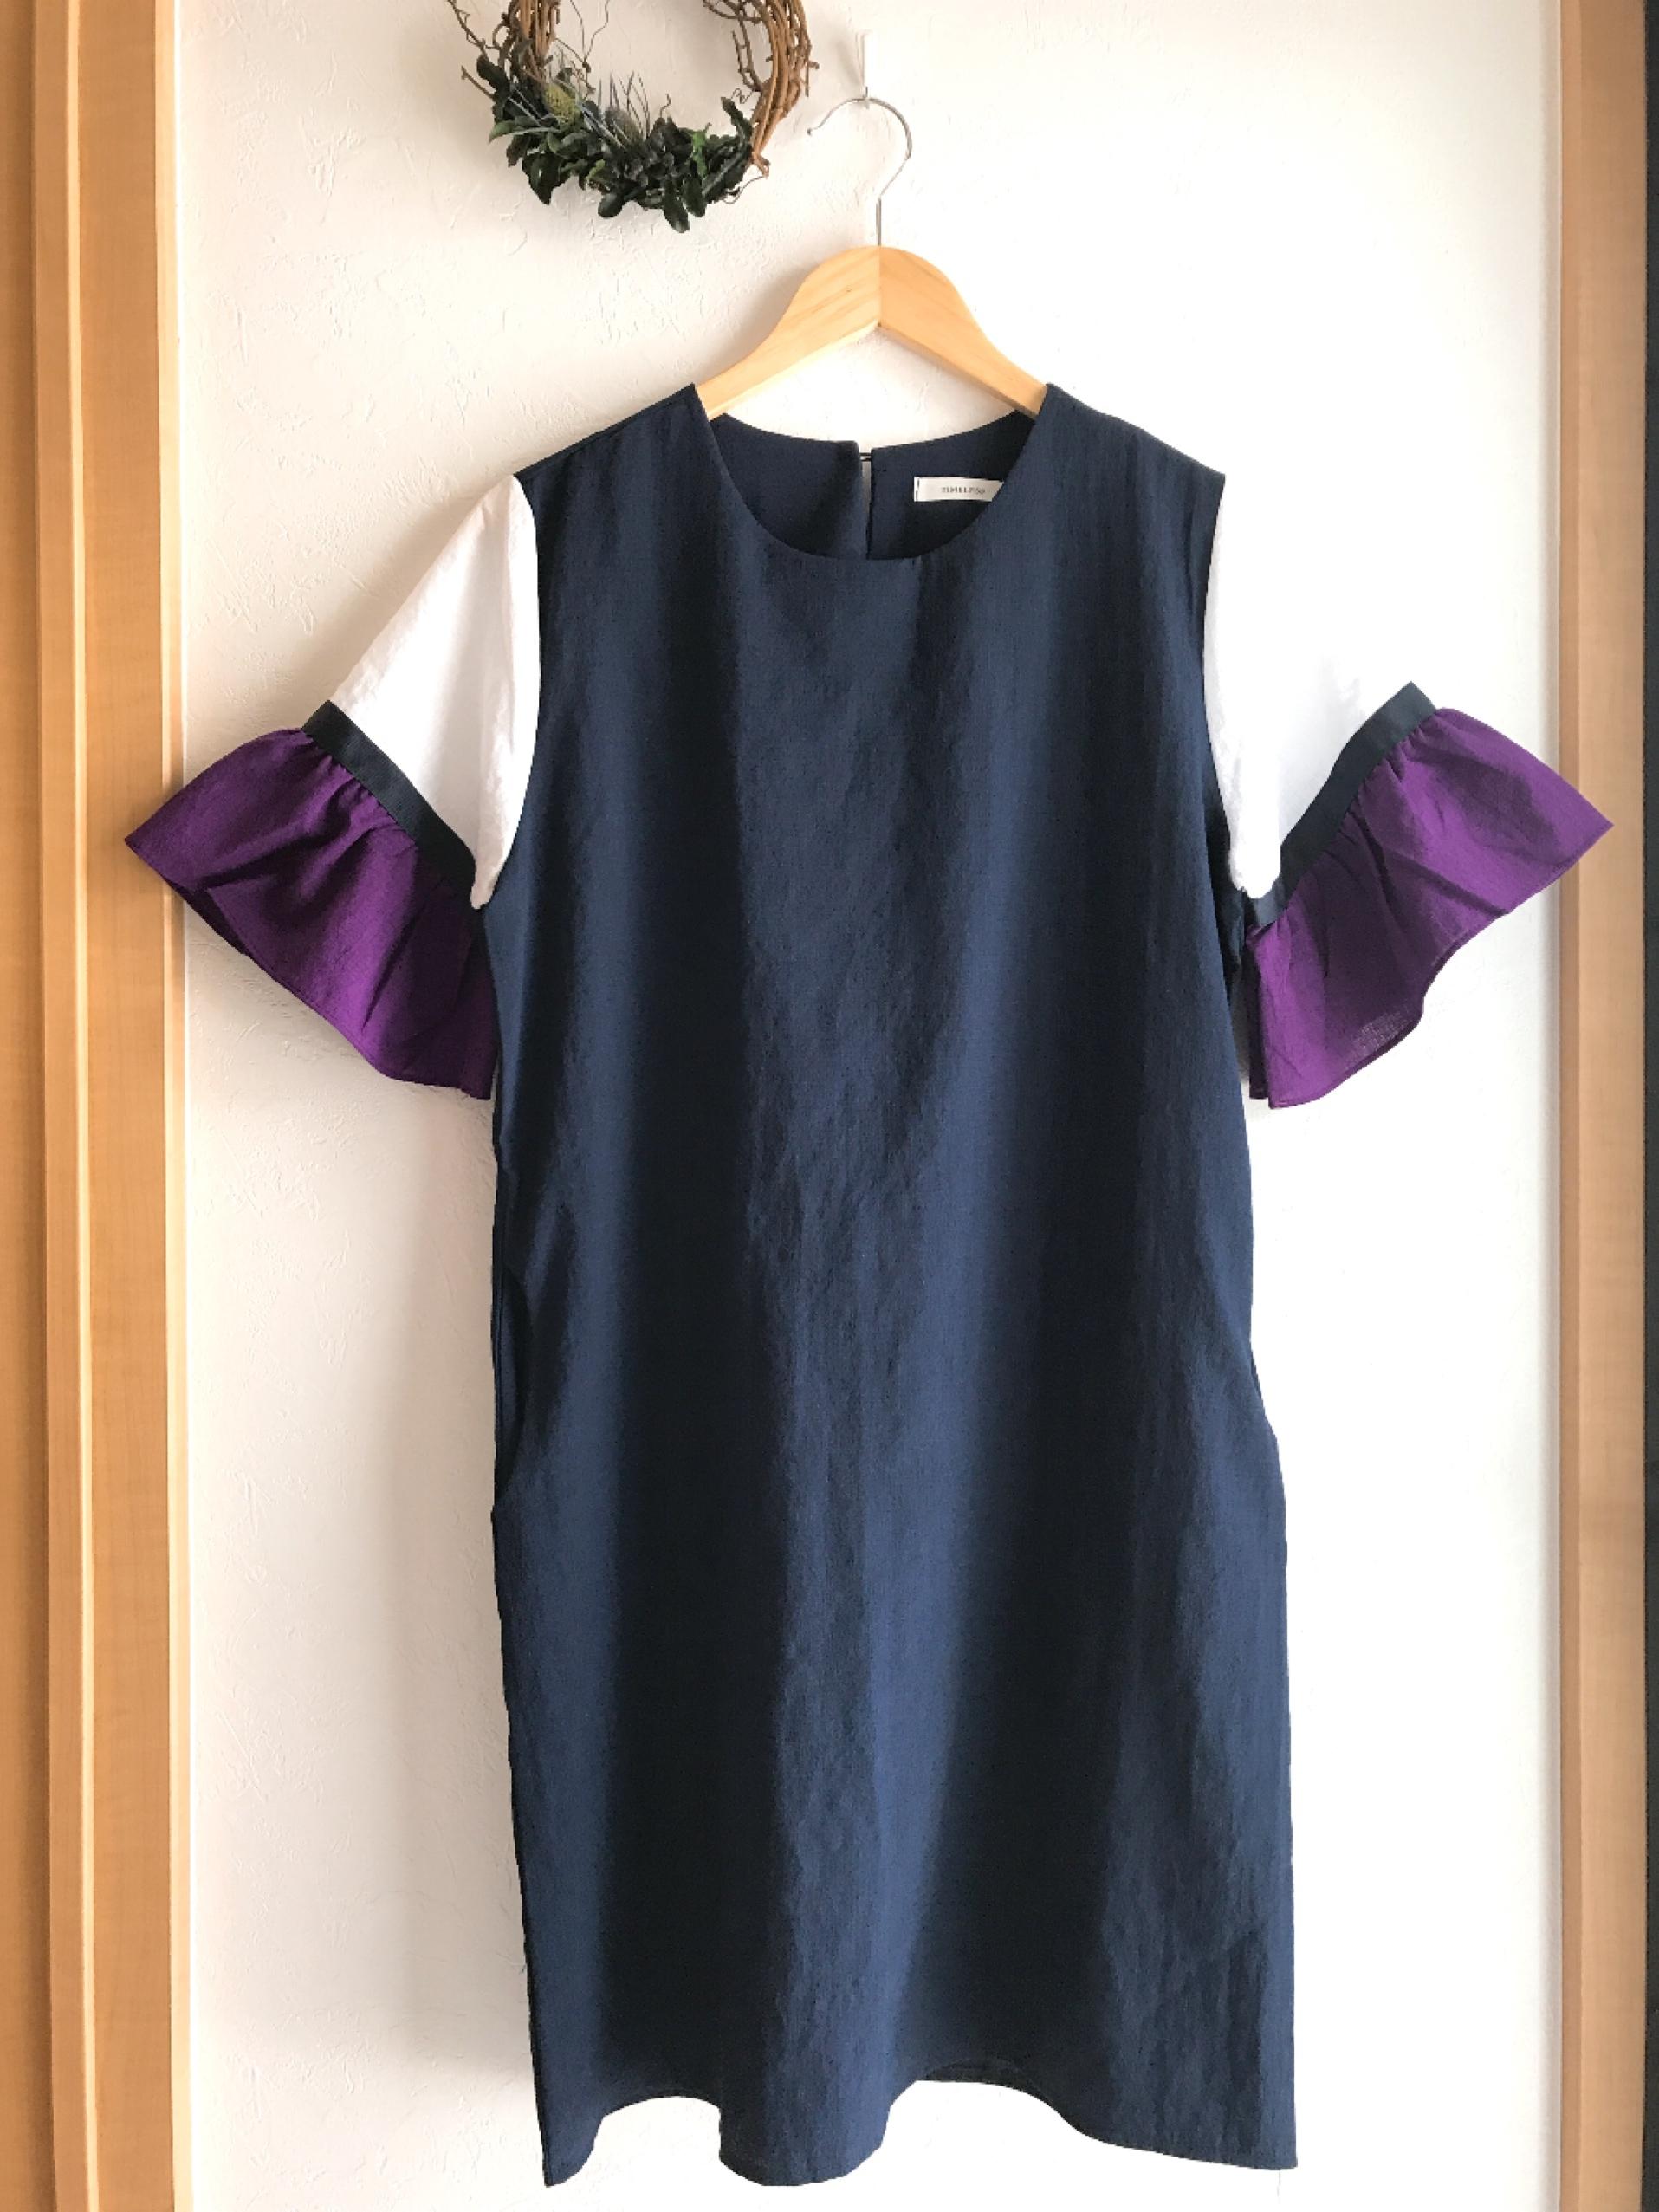 切り替えデザインの袖フリルワンピース ネイビー×パープル